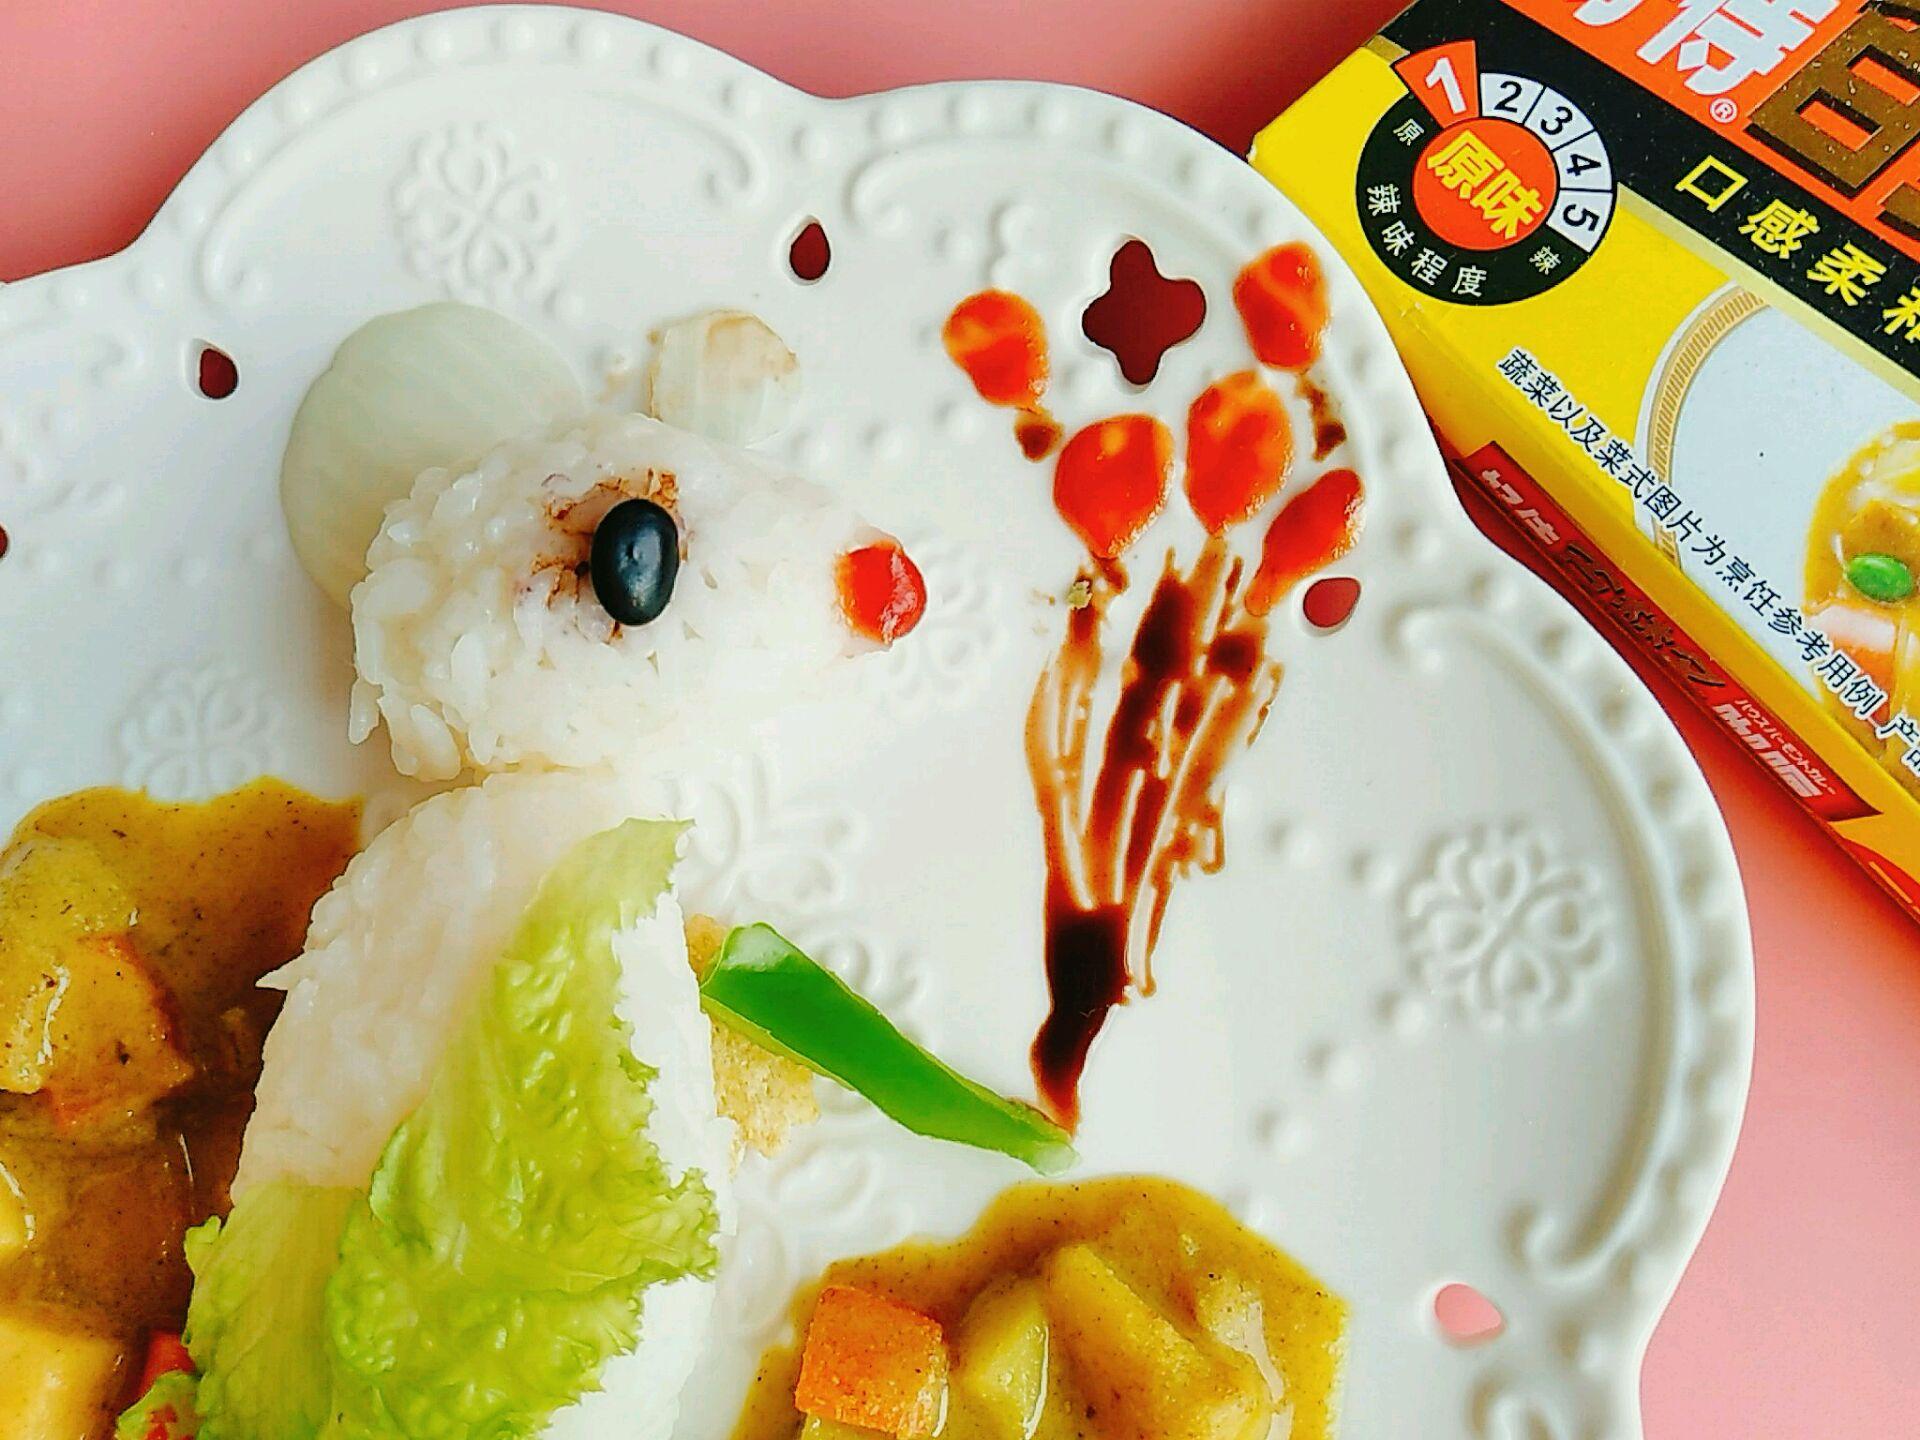 放飞梦想的可爱小老鼠#奇妙咖喱,拯救萌娃食欲